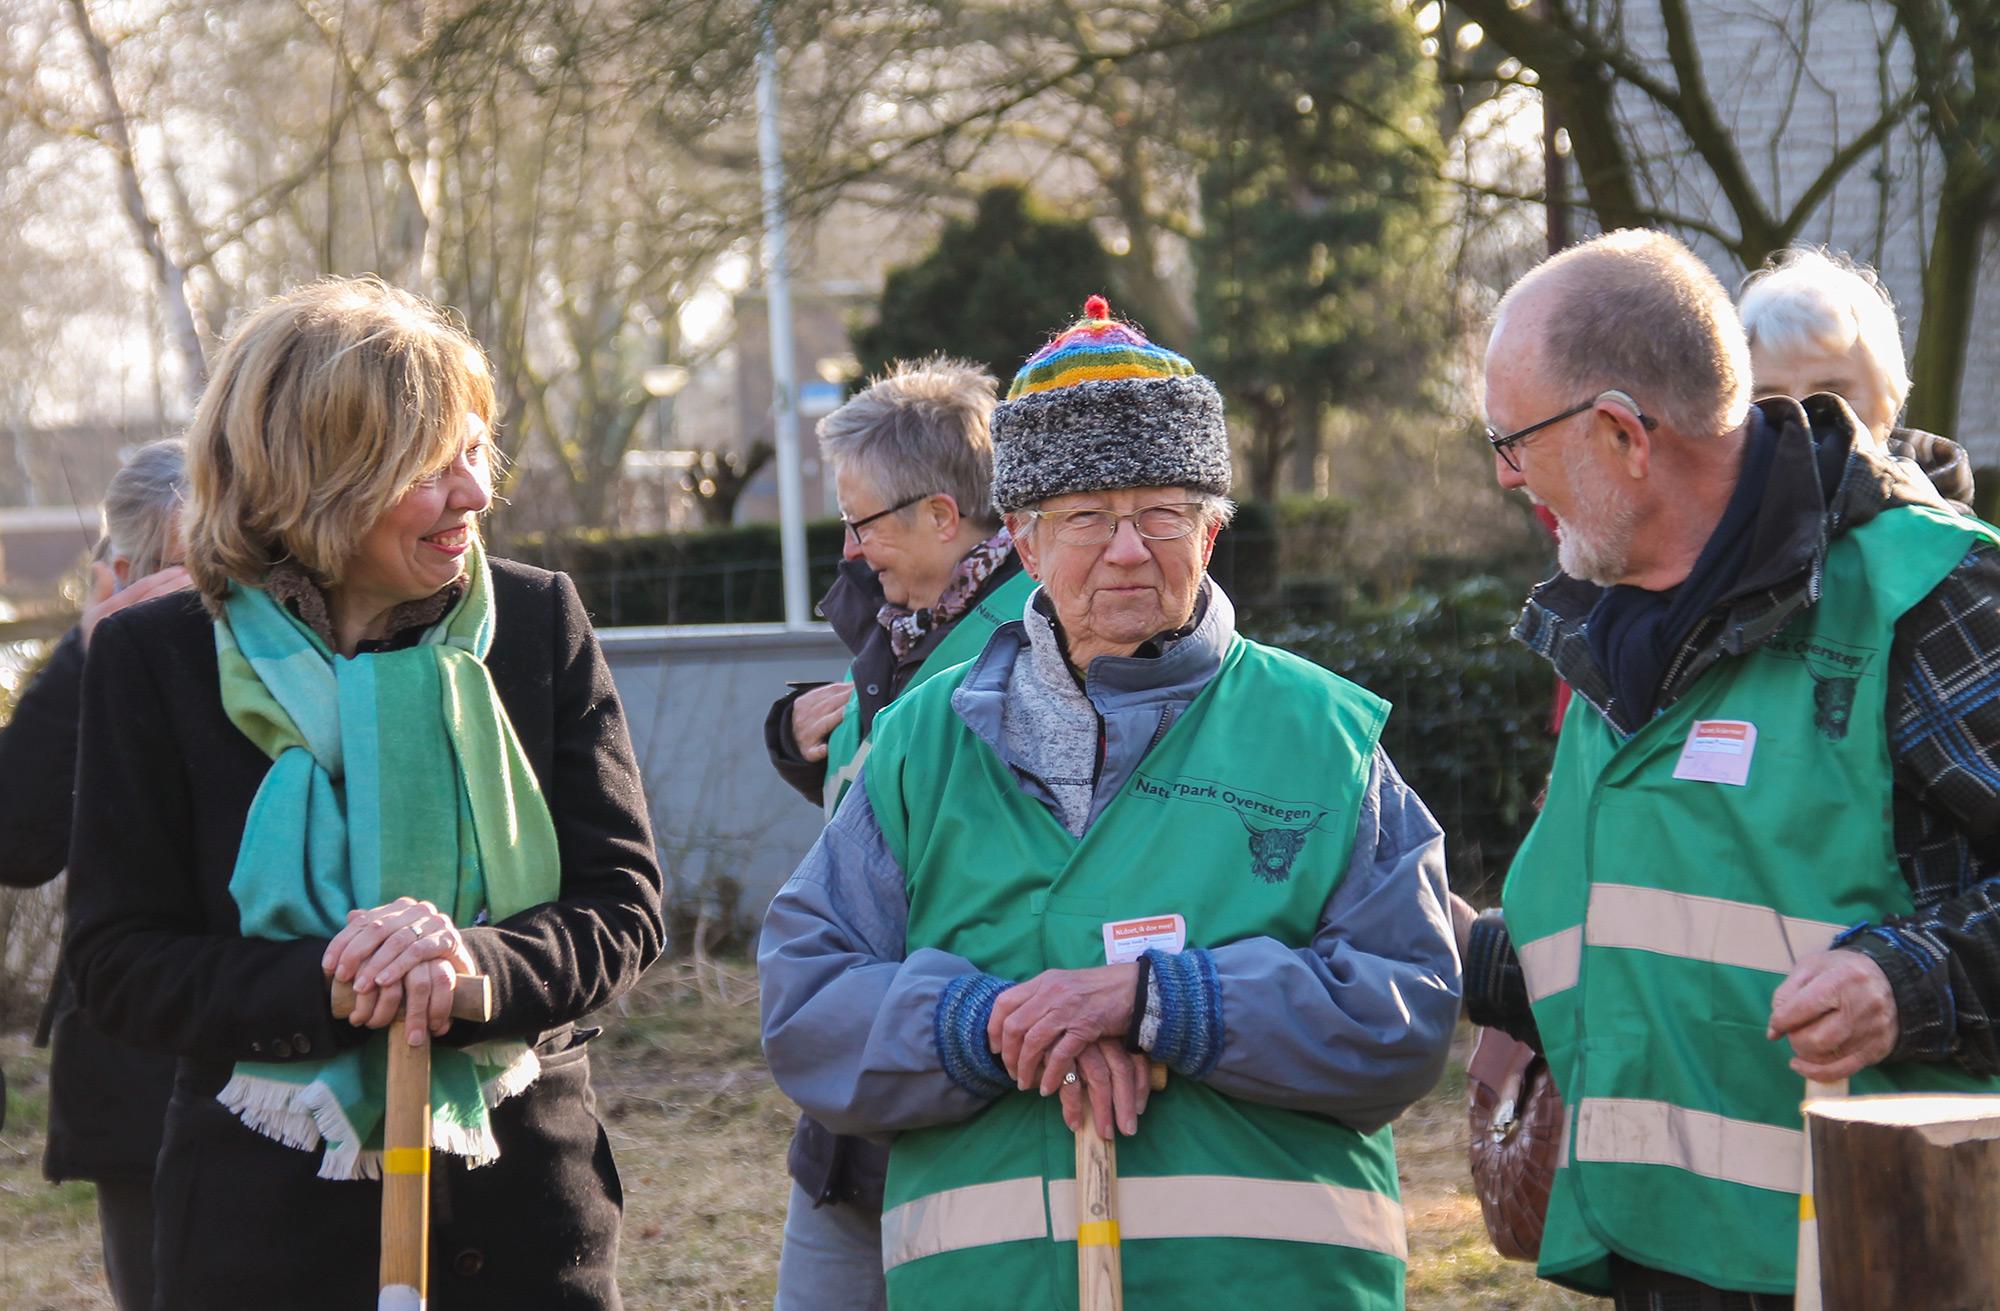 Wethouder Ingrid Lambregts bij De Groene Knoop - Buur maakt Natuur